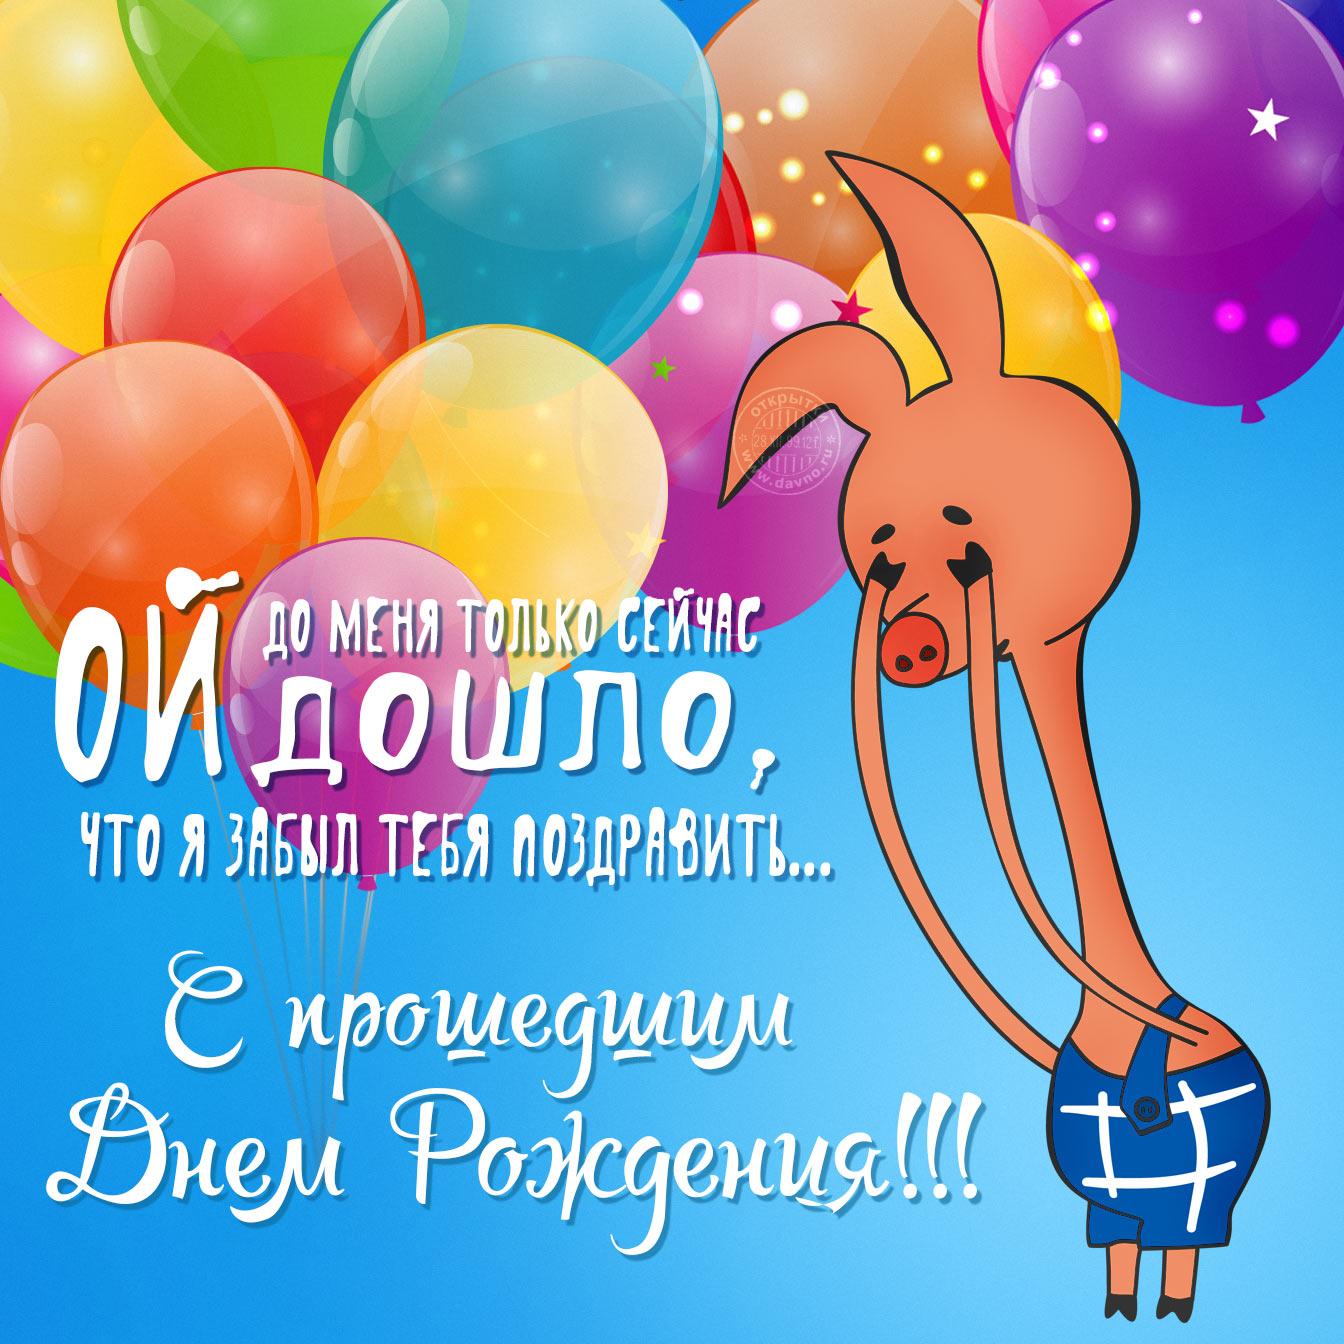 Изображение - Поздравление с прошедшим днем рождением S-proshedshim-dnem-rozhdeniya-kartinki-17